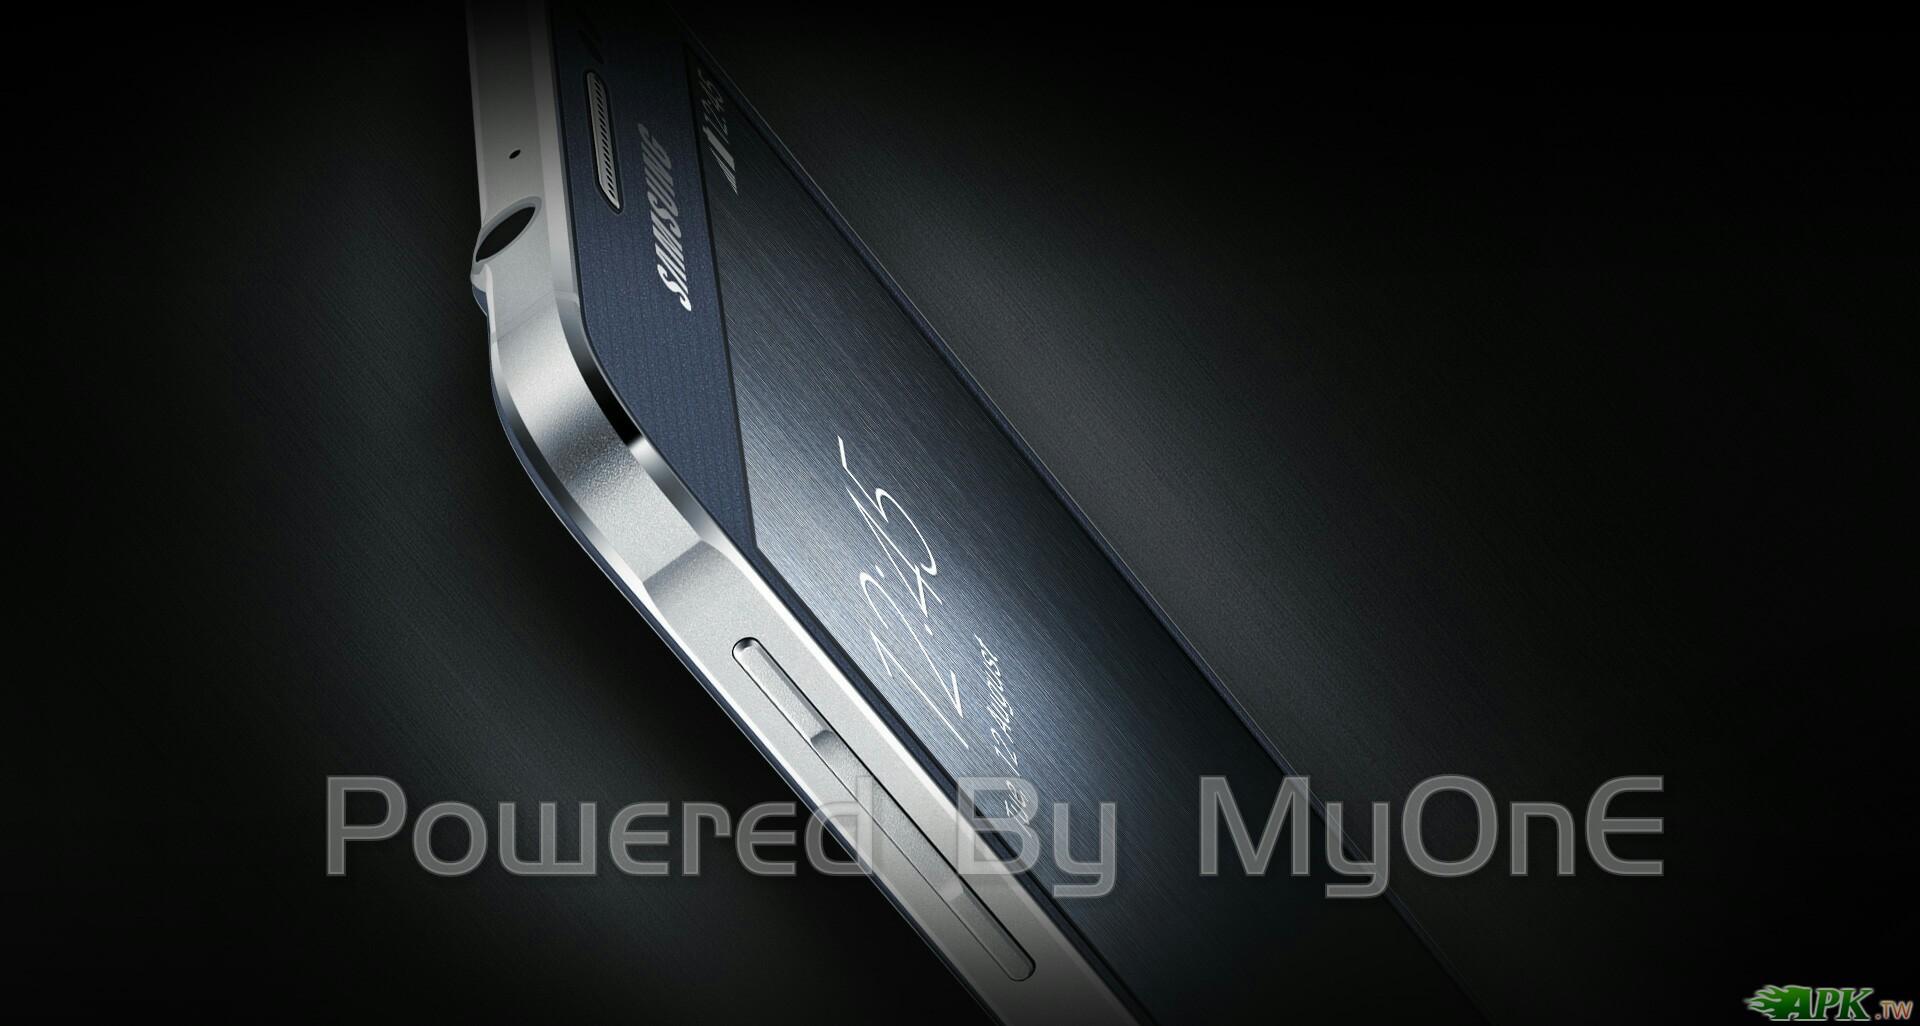 SM-G850YZKEINU-364050-0_wm.jpg